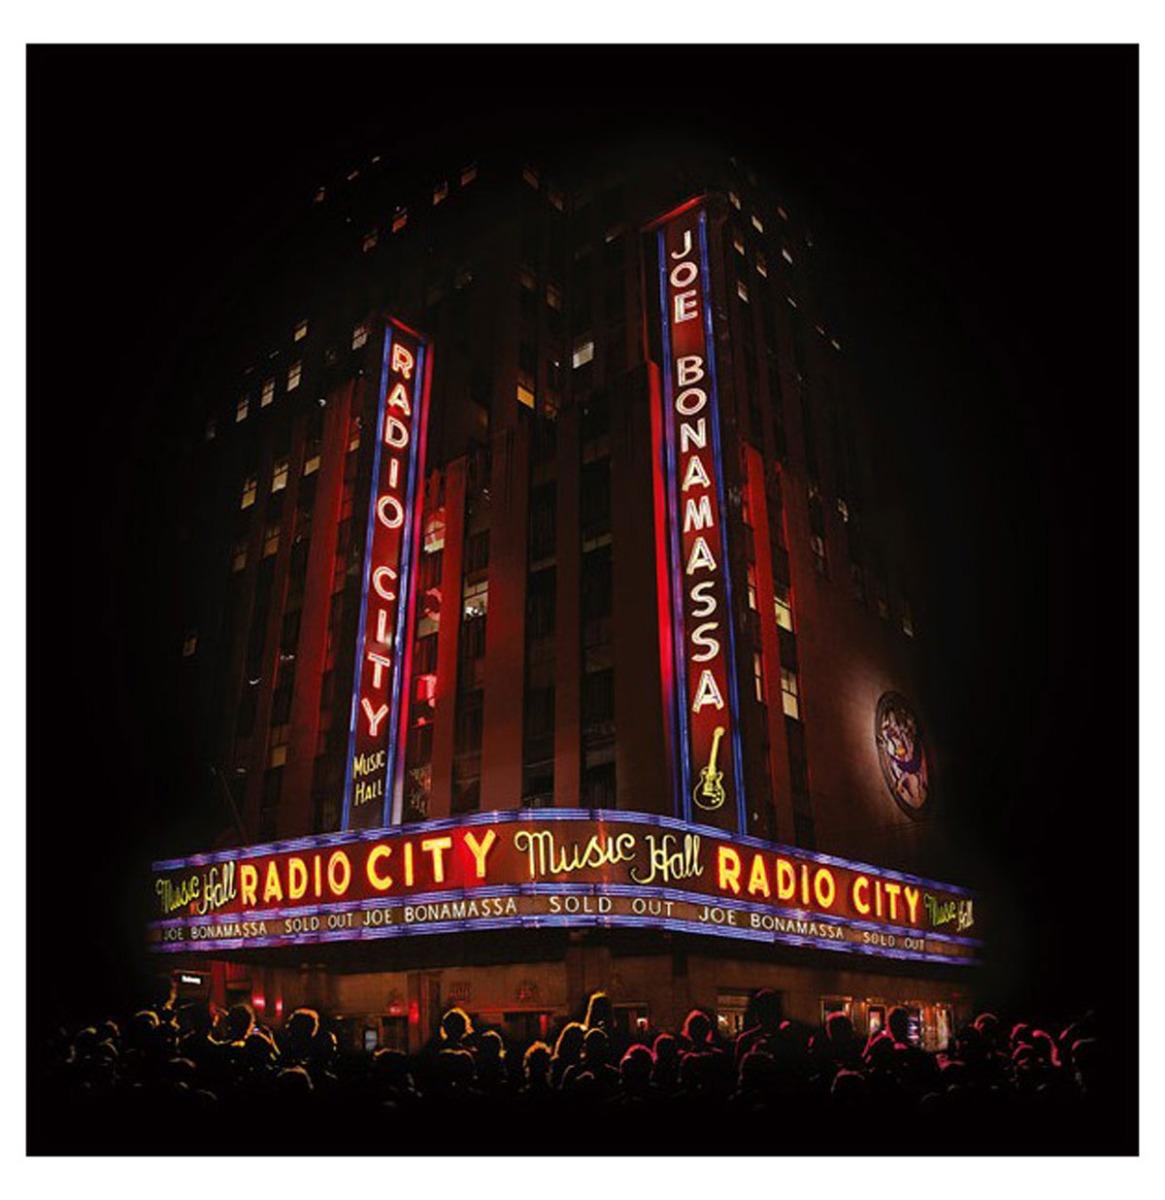 Joe Bonamassa - Love At Radio City Music Hall 2LP